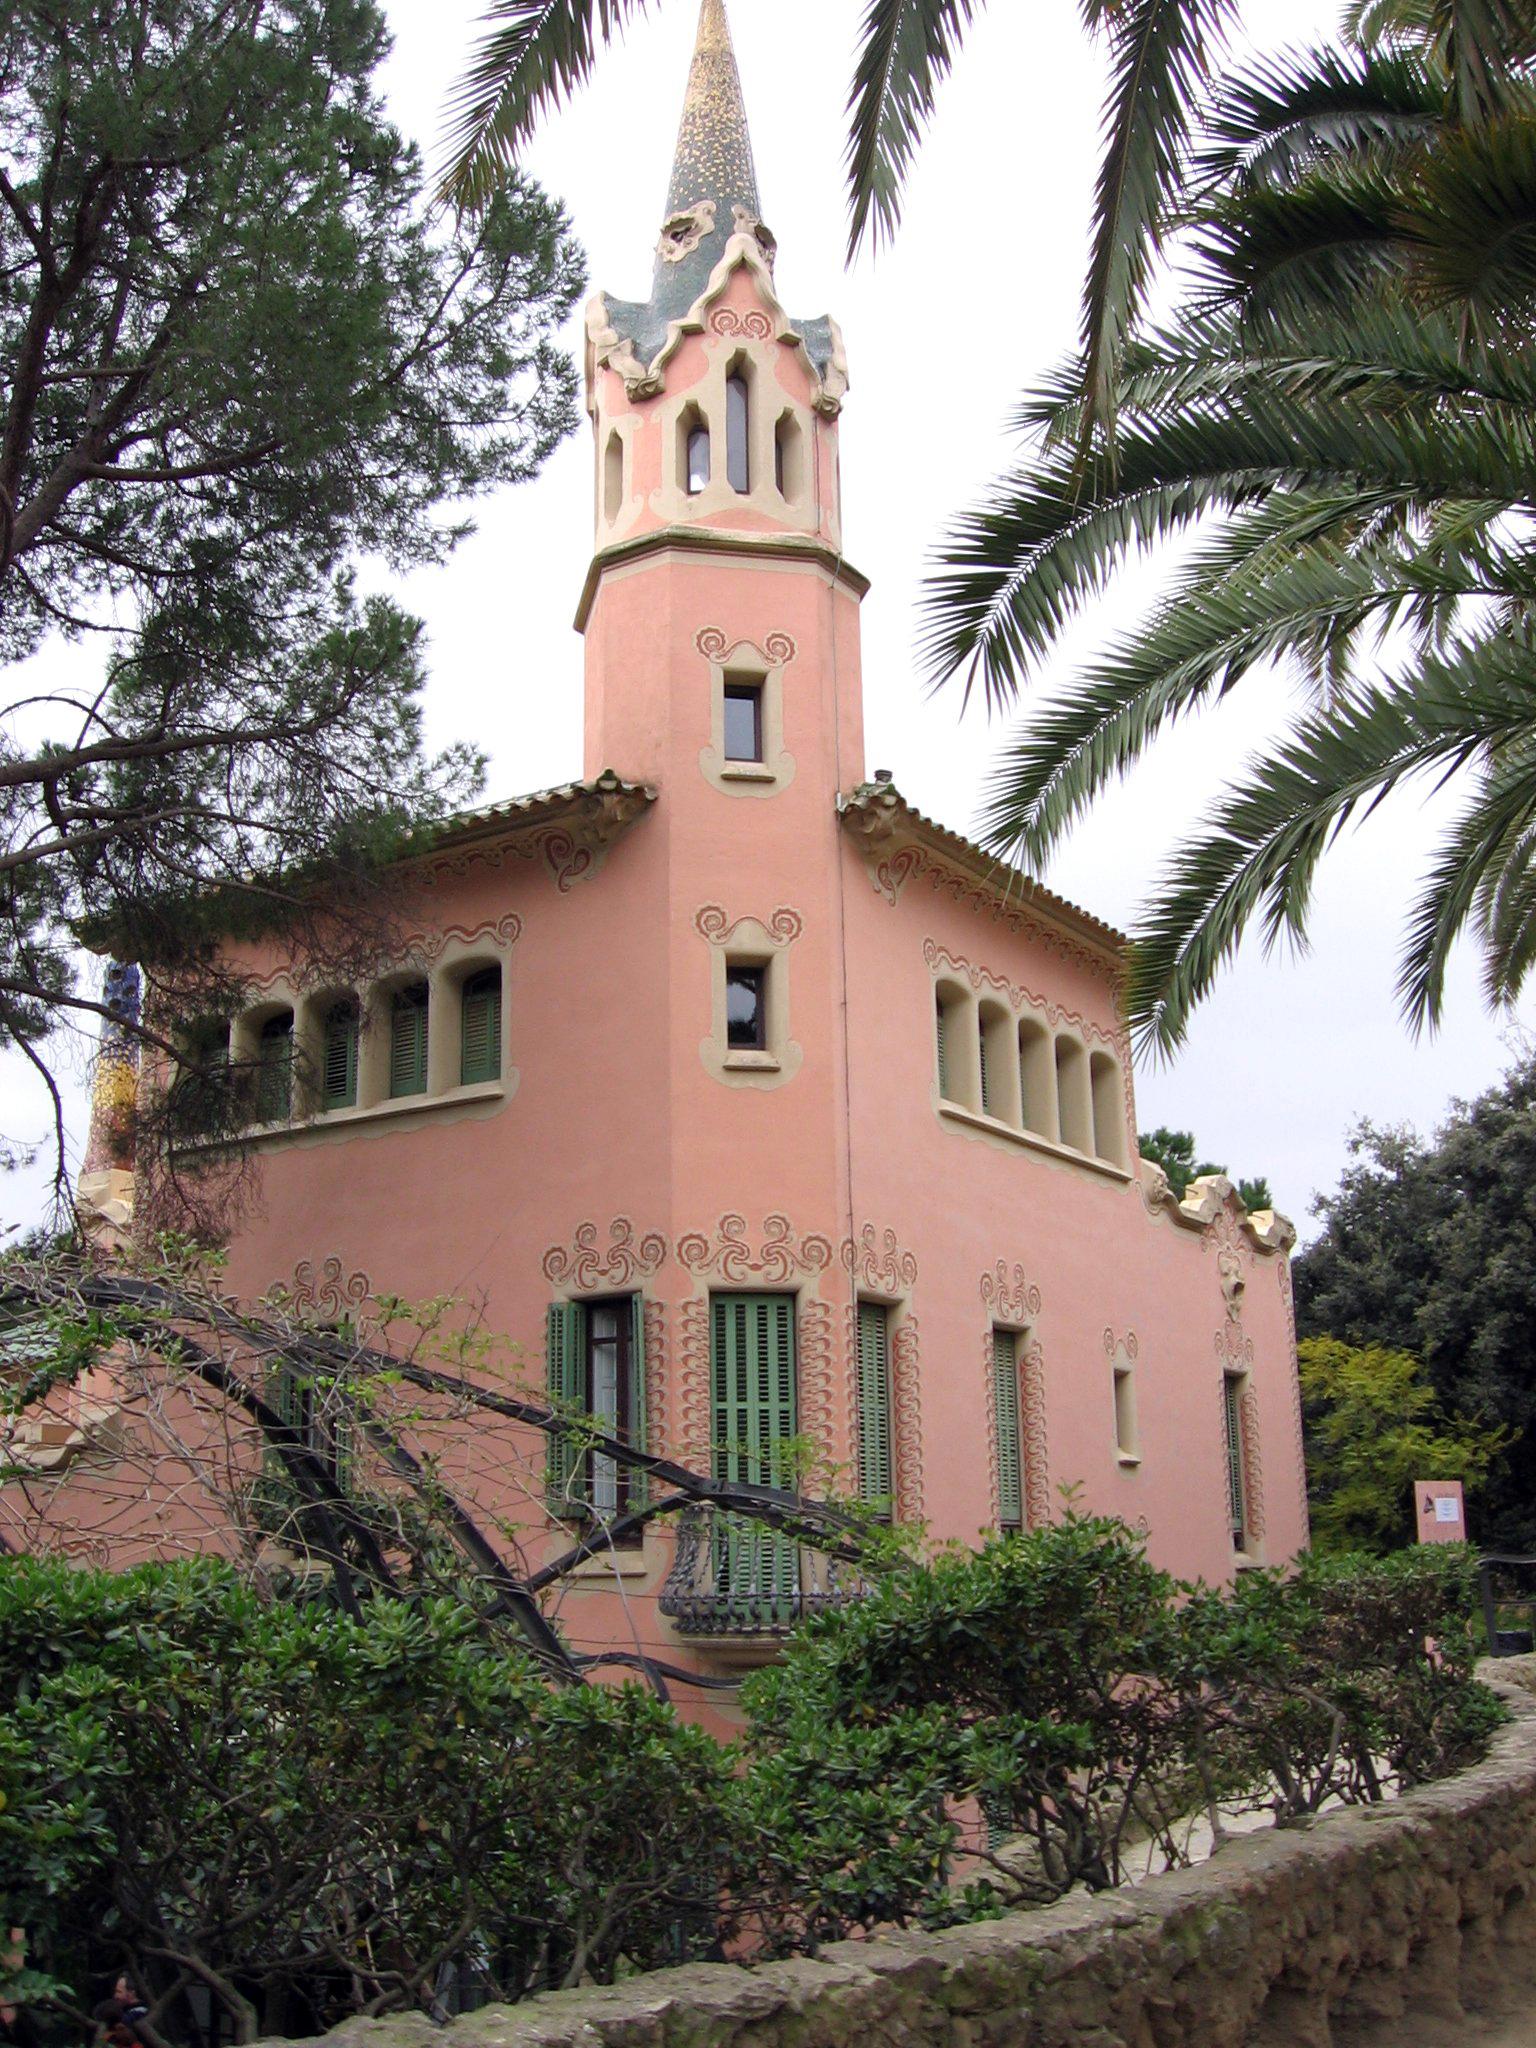 Casa Museo Gaudi.File Park Guell Casa Museu Gaudi Jpg Wikimedia Commons